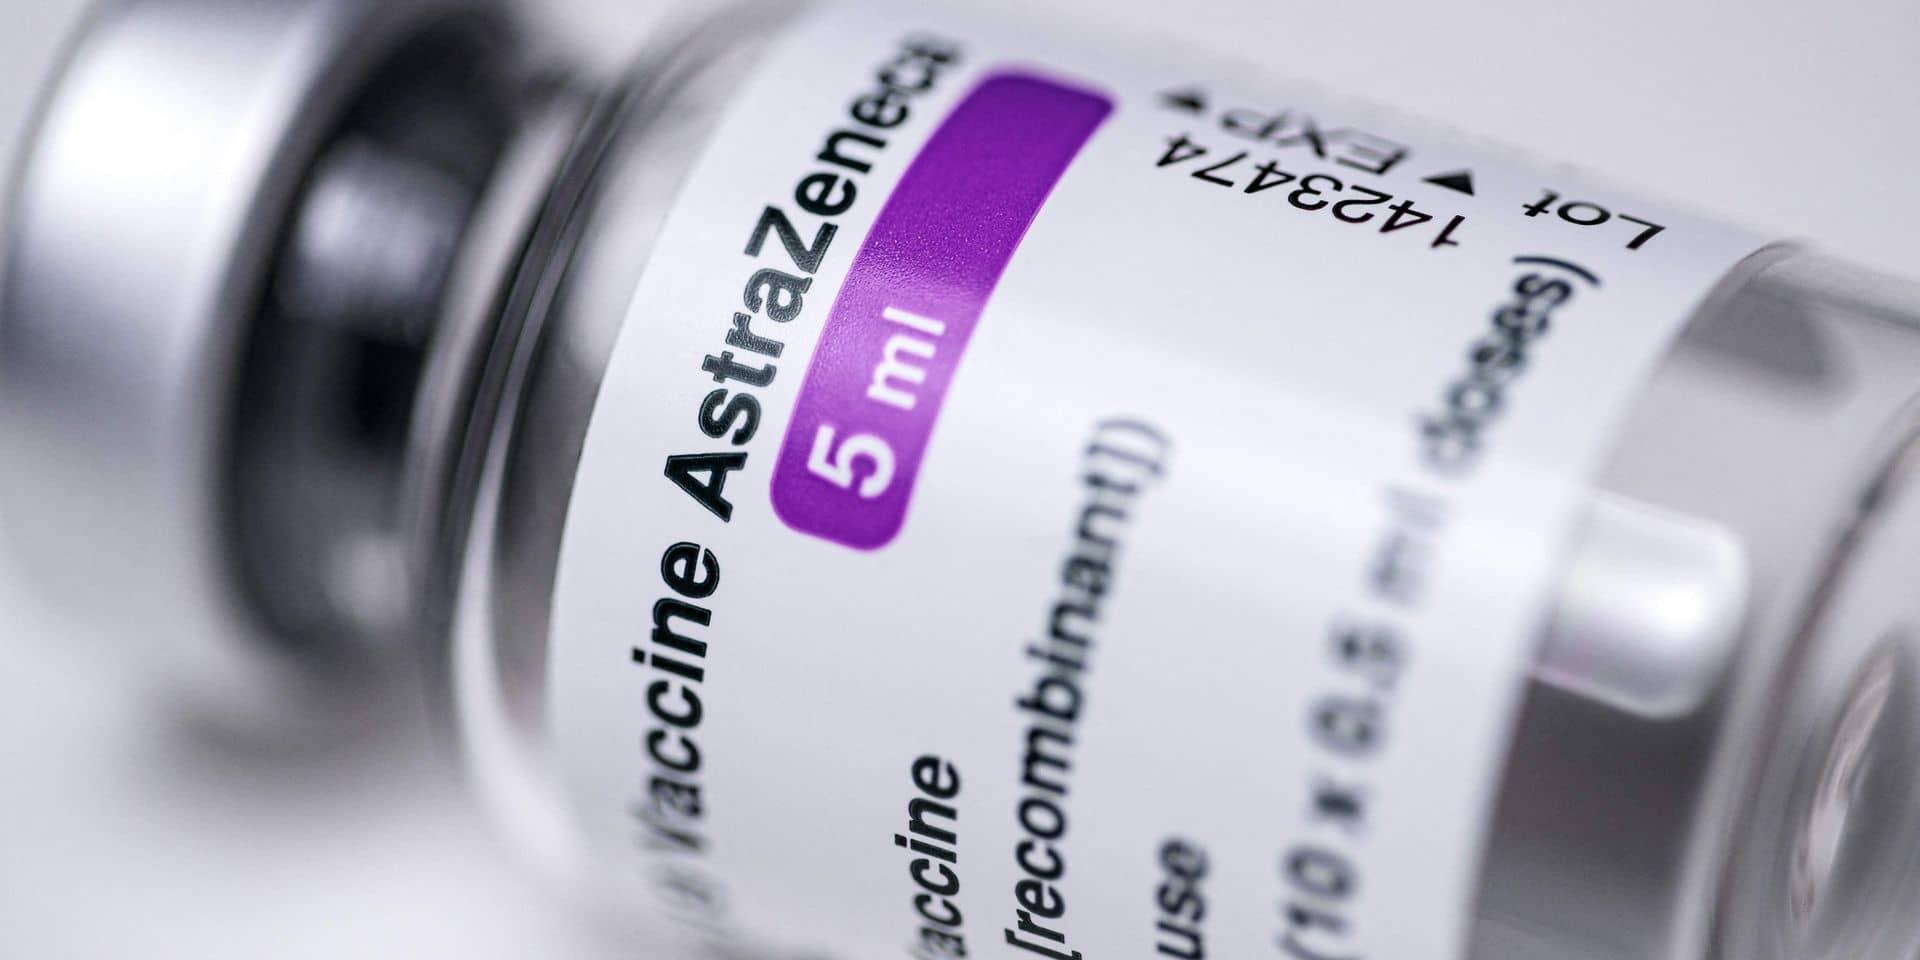 Voici la liste des pays qui ont suspendu les injections de vaccin AstraZeneca